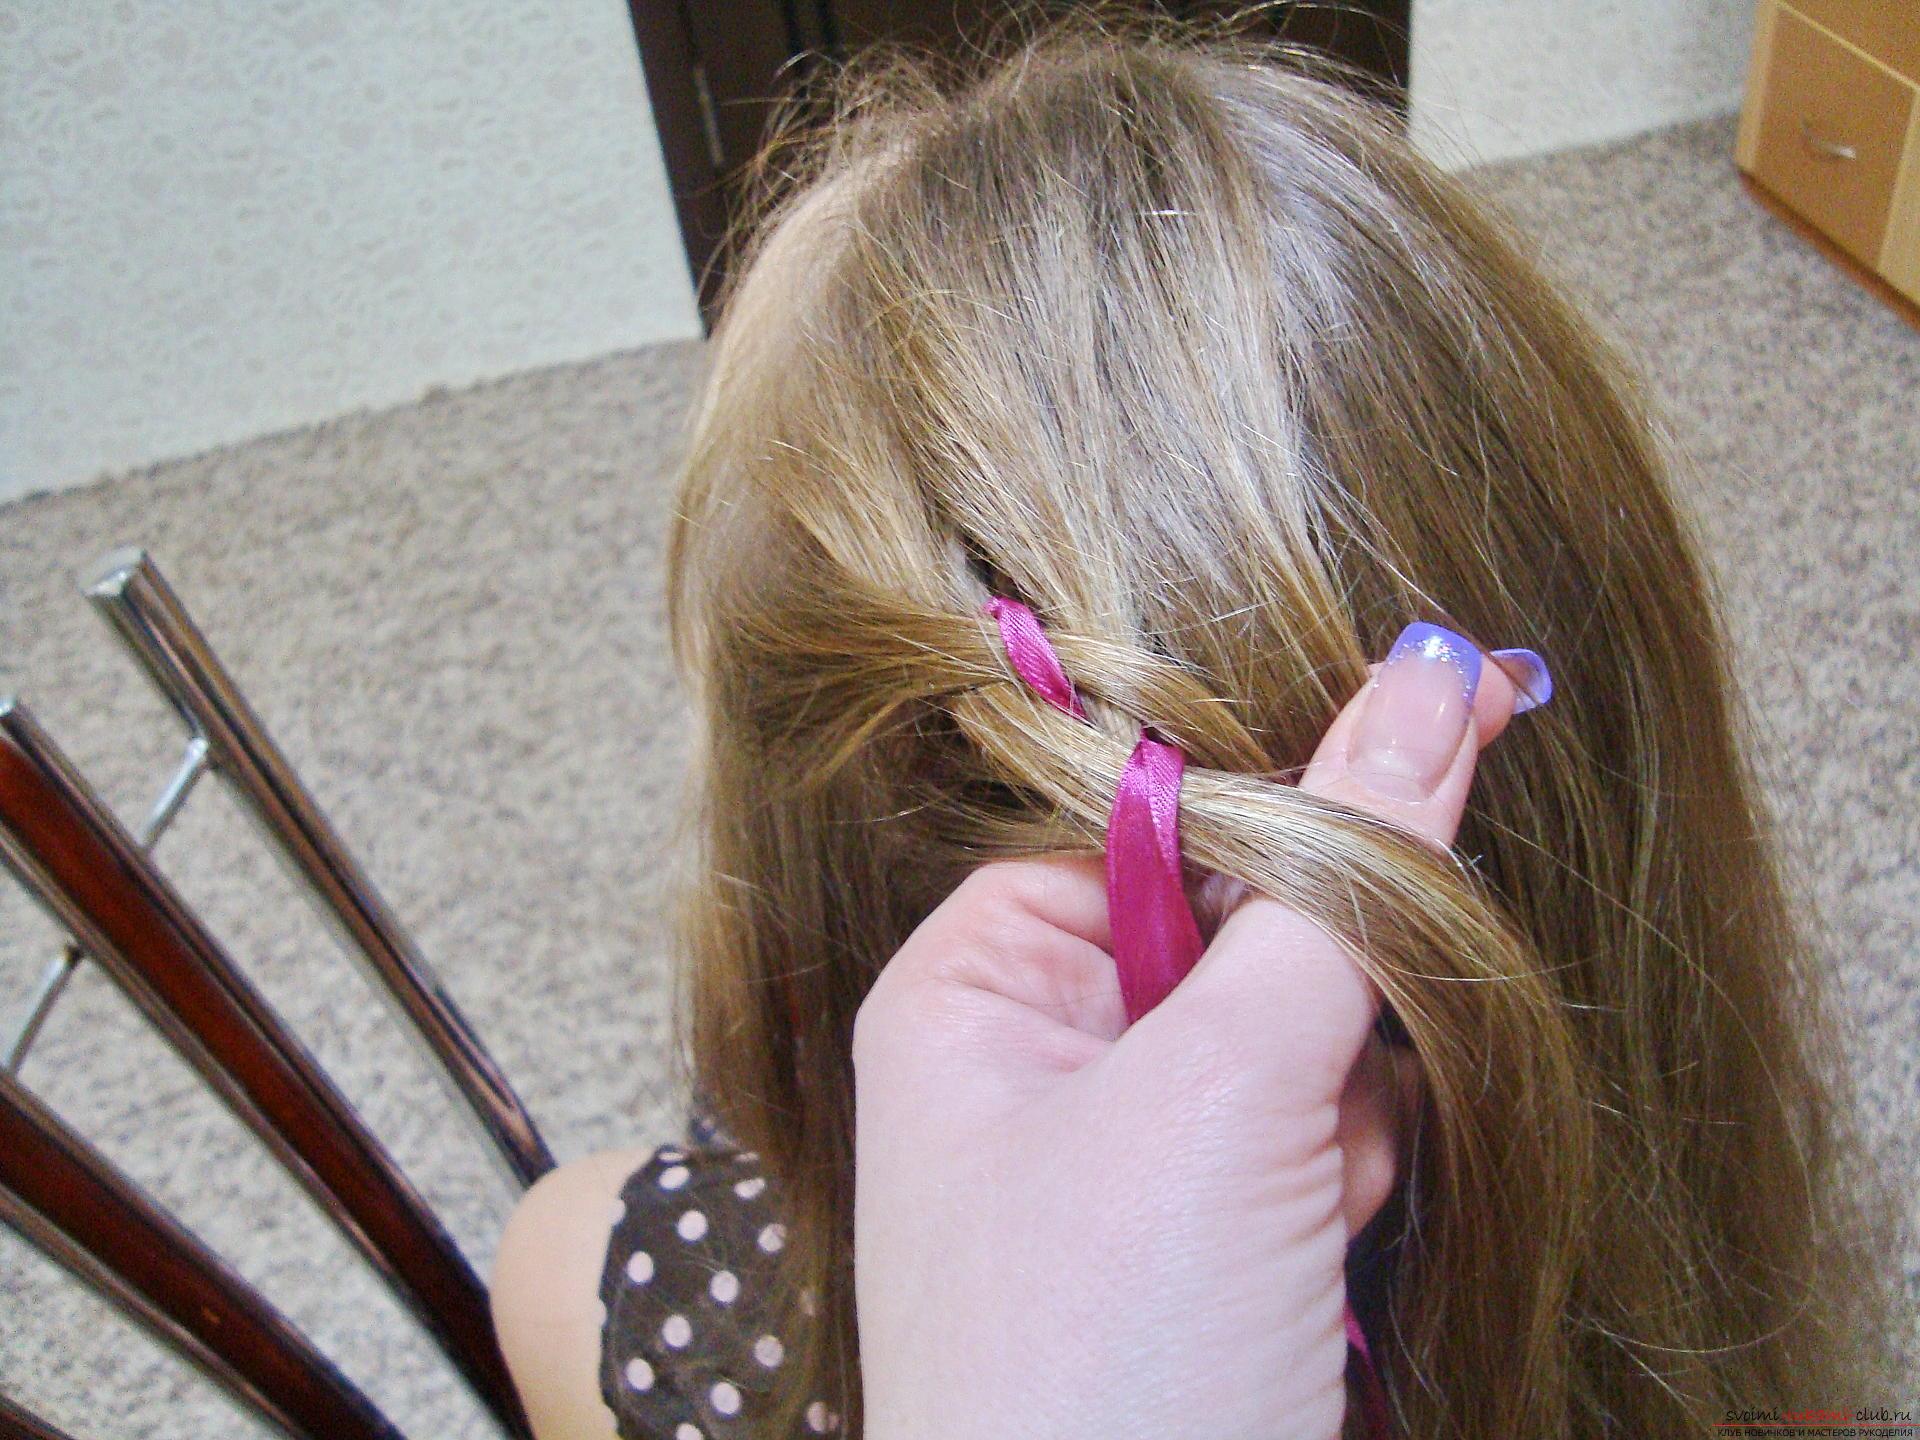 Подробная инструкция с фото и видео поможет создать красивую прическу дома.</p> </div> <p> Используя мастер-класс по прически можно своими руками создать удивительный образ для праздника.</p> <p> Коса, уложенная в цветок, сделает прическу на длинных волосах самой красивой.. Фото №6″/></p> <p>Приступаем снова к переплету нижней части косички, то есть самой левой пряди.</p> <p> Ее расположение должно измениться и переместиться из первой позиции в третью.</p> <p> Но делается это перемещение без добавления волос. Нужно просто аккуратно разгладить прядь, исключить ее перемешивания с нижними волосами, слегка загладить и проплести над второй прядкой из волос и под третьей части из атласа.</p> <p> В итоге прядь слева всегда занимает третье место и лишь после начала нового переплета от правой стороны становится крайней частью плетения.</p> <p><div style=